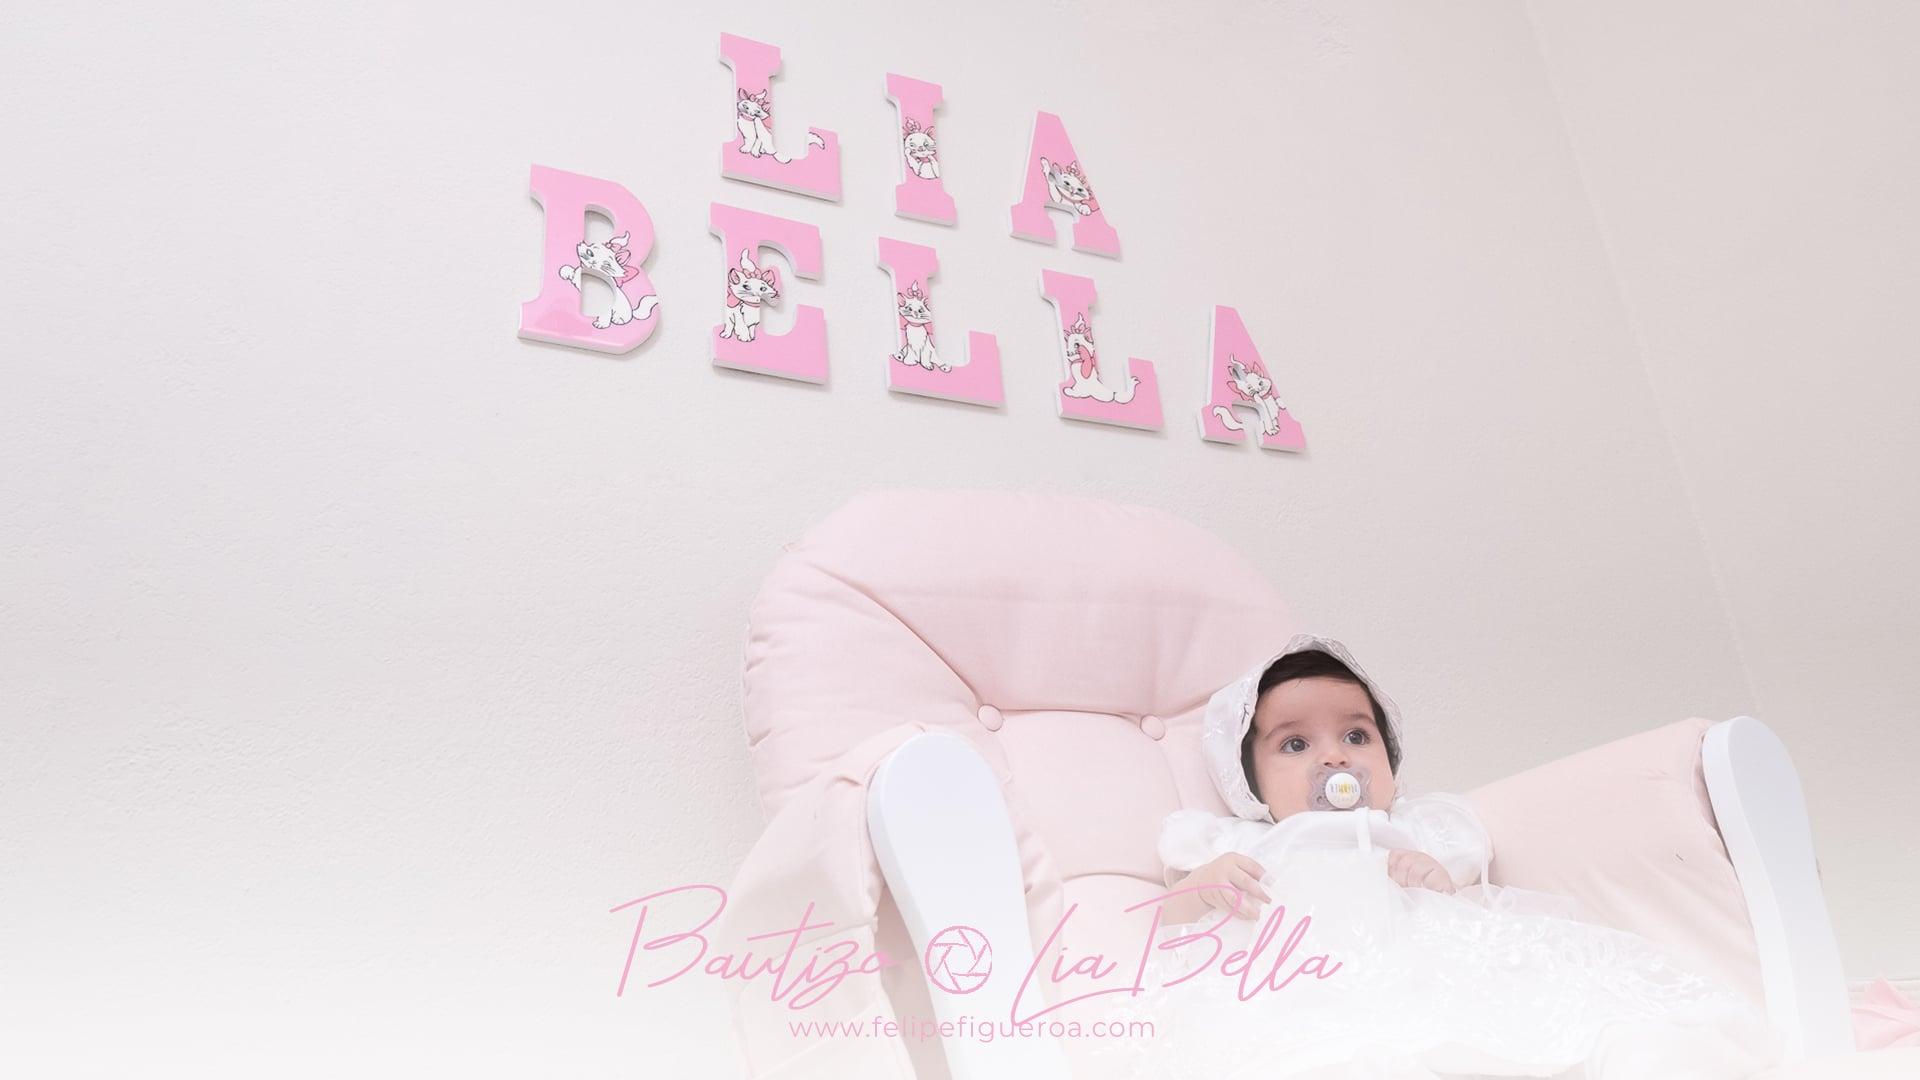 Bautizo Lia Bella